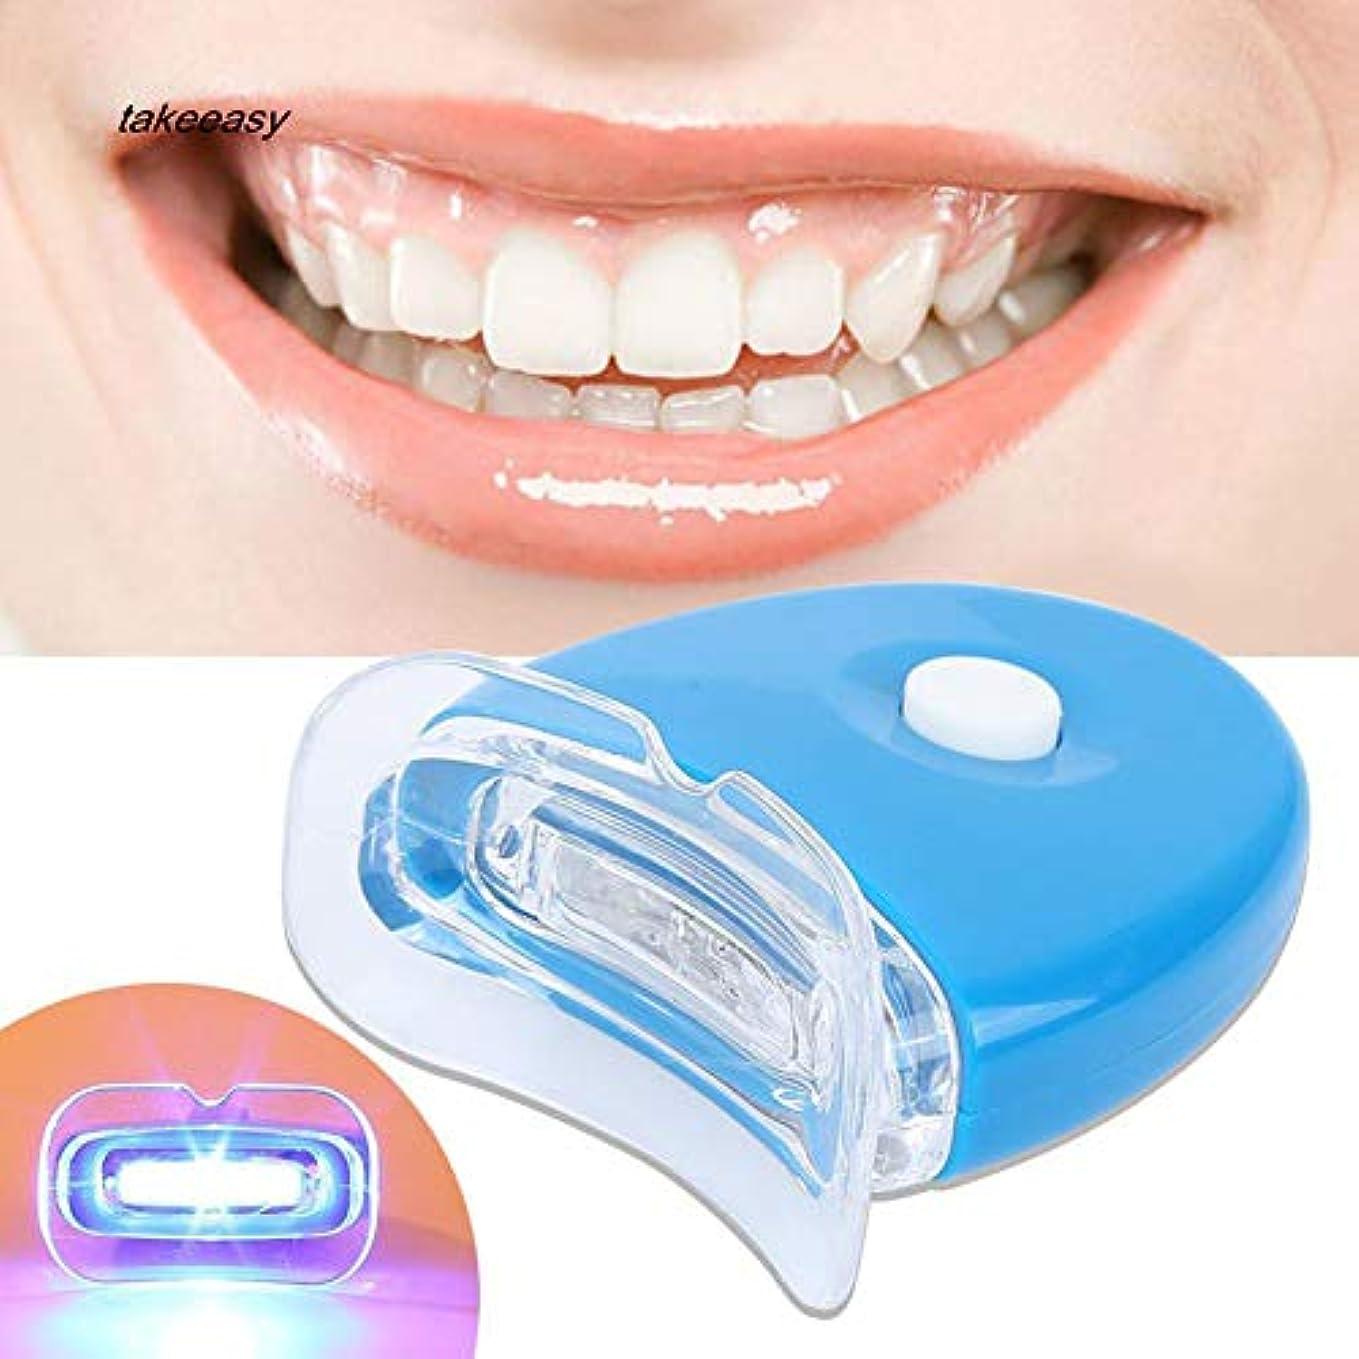 あいさつ平和的に歯ホワイトニング器 歯美白器 美歯器 ホワイトニング ホワイトナー ケア 歯の消しゴム 歯科機器 口腔ゲルキット ライト付き 歯を白くする